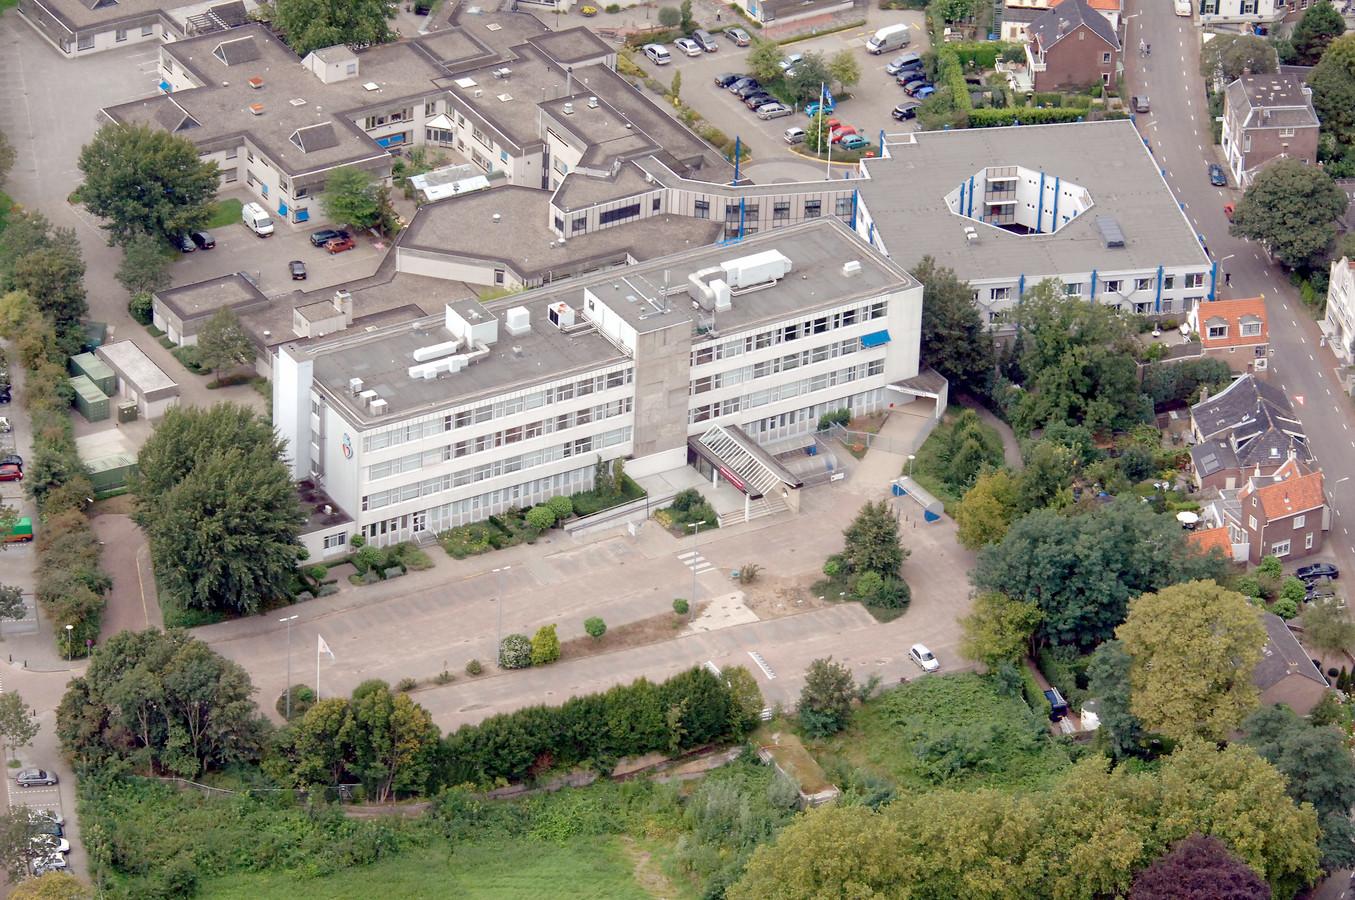 Het voormalige ziekenhuis in Sliedrecht.